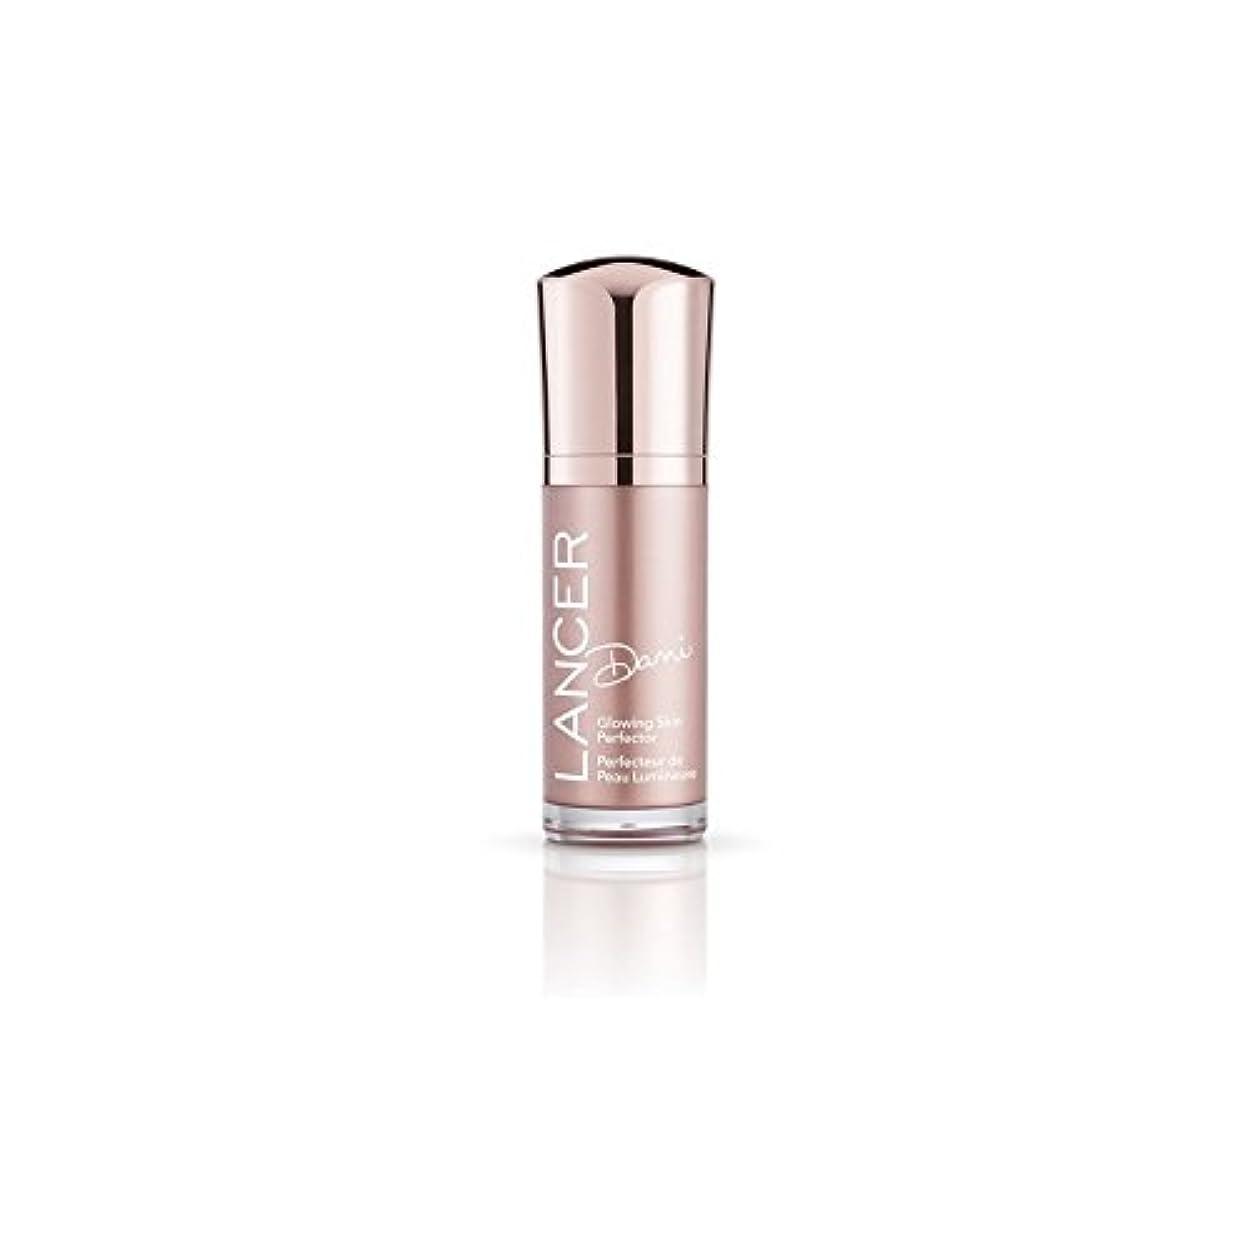 うれしい先のことを考える絡まるスキンパーフェク輝くランサースキンケアダニ(30ミリリットル) x2 - Lancer Skincare Dani Glowing Skin Perfector (30ml) (Pack of 2) [並行輸入品]